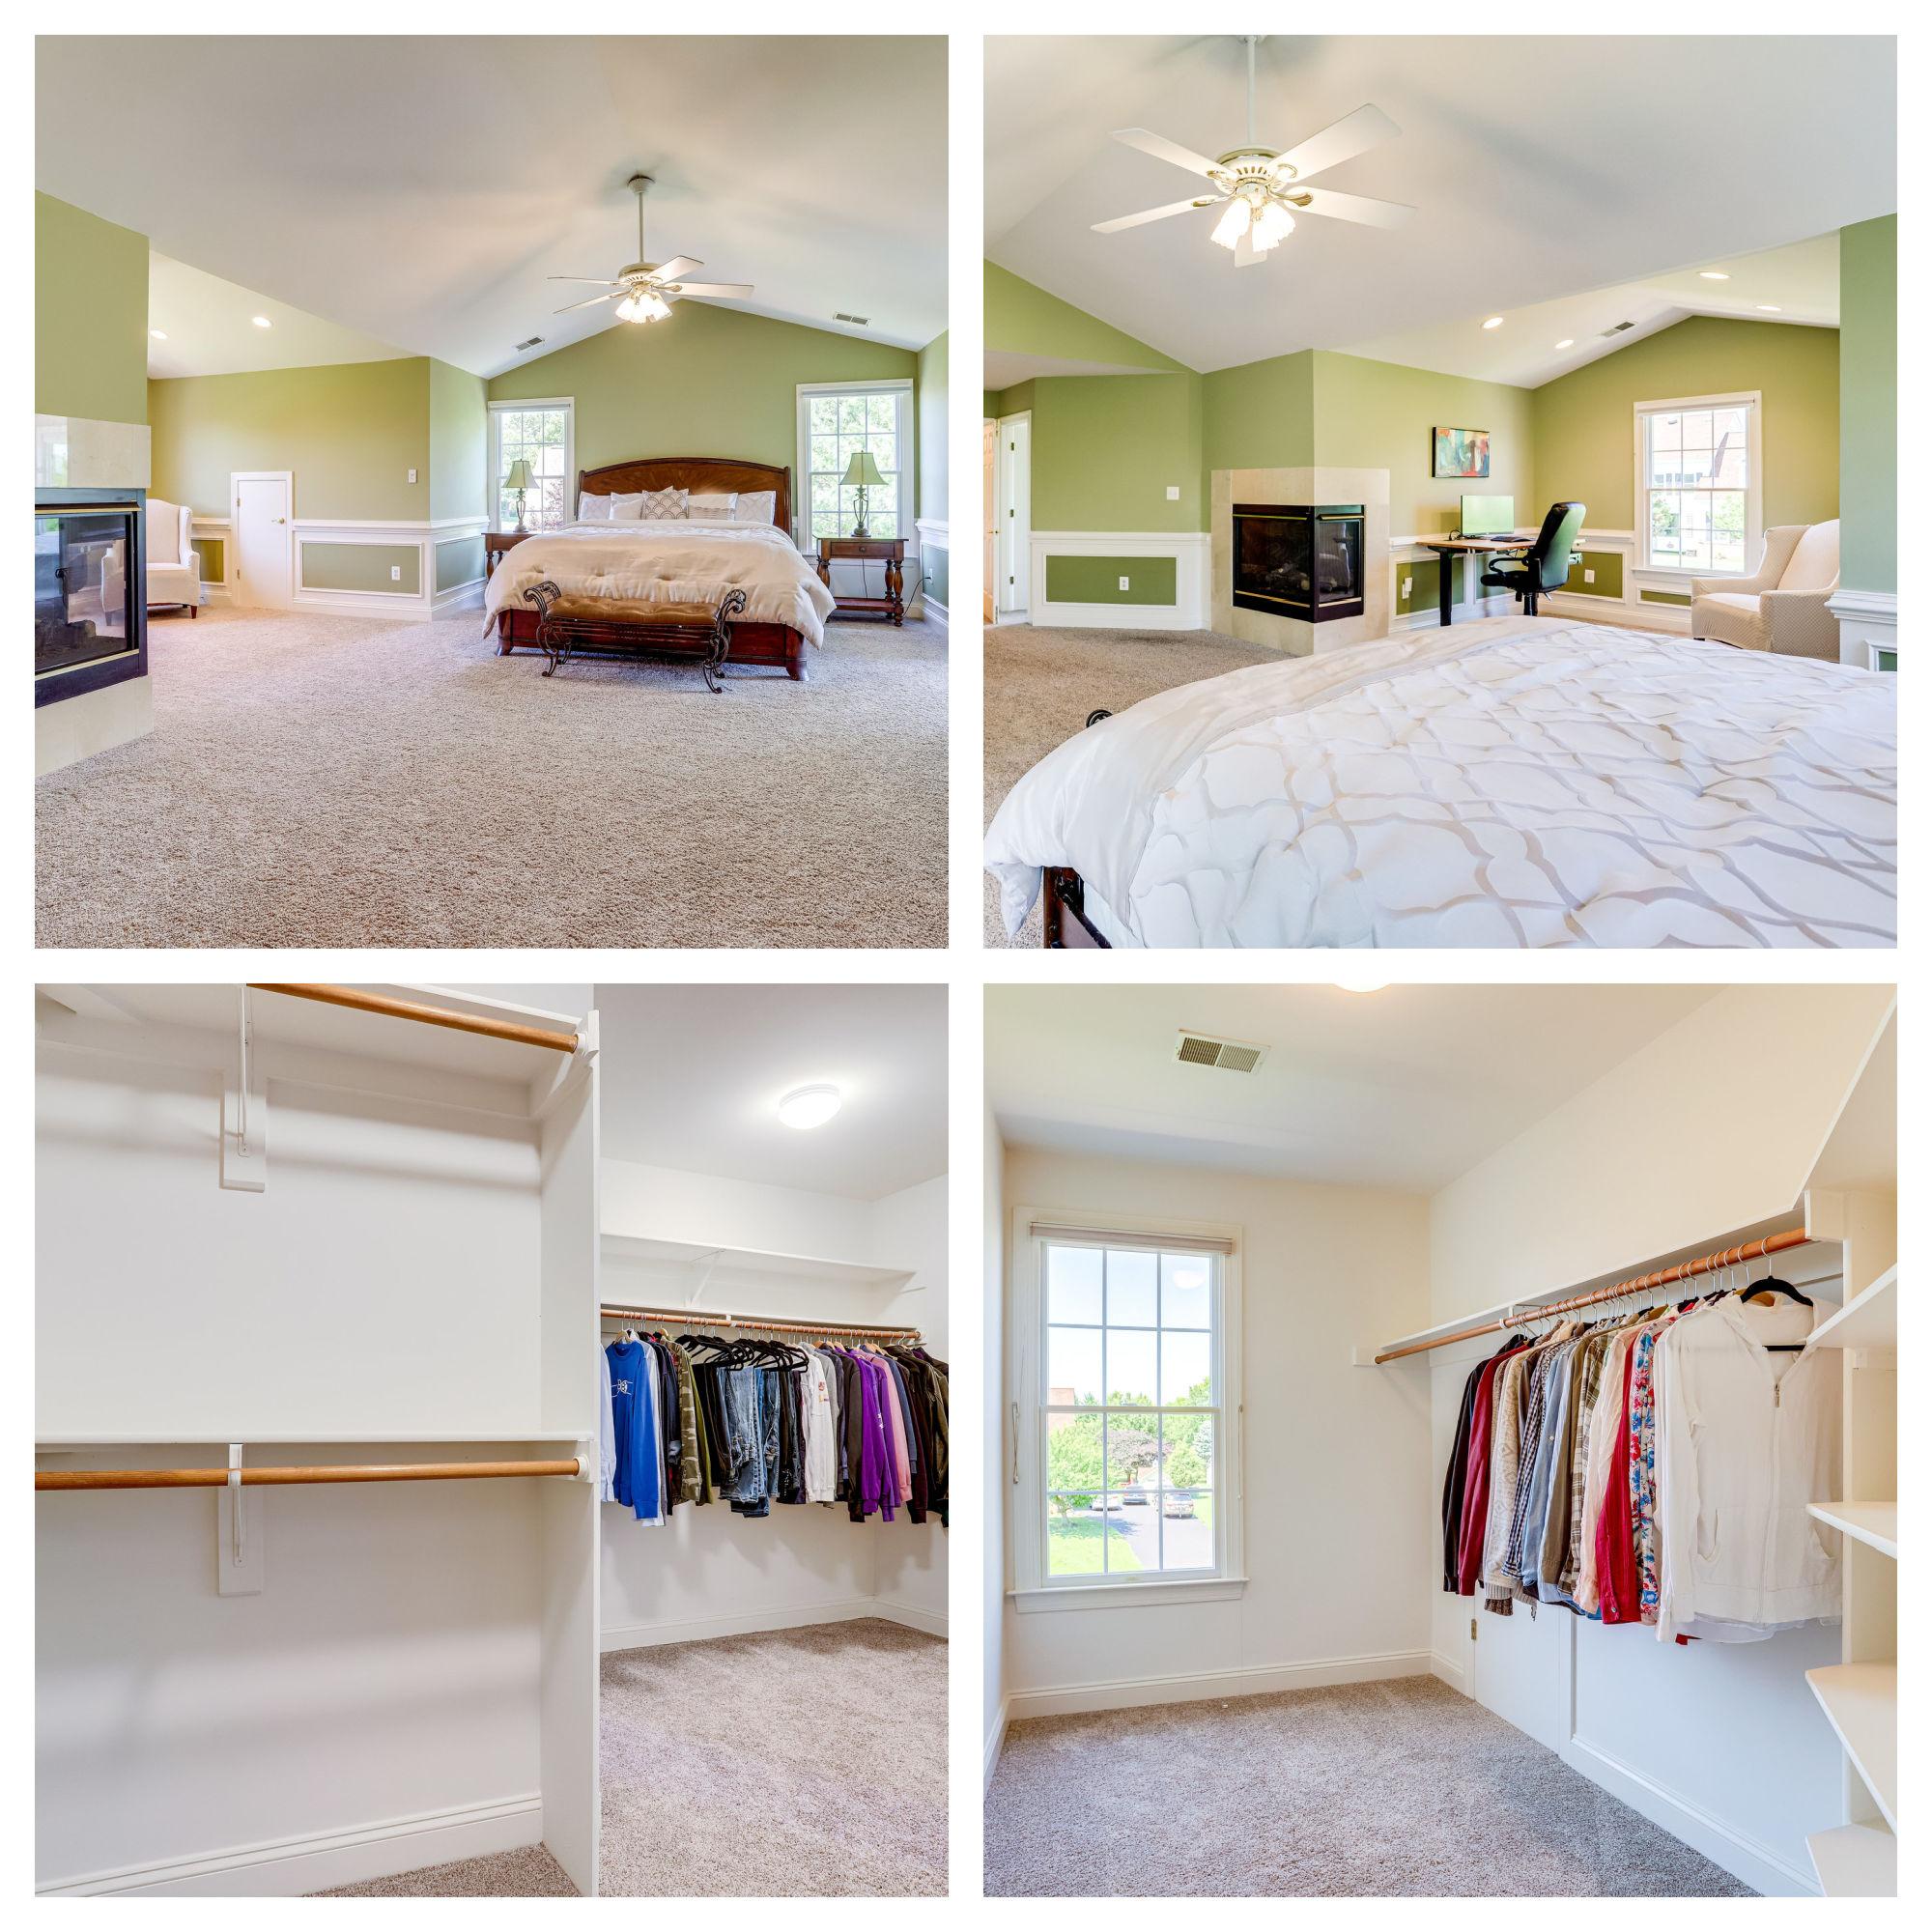 42259 Big Springs Ct, Leesburg- Primary Suite